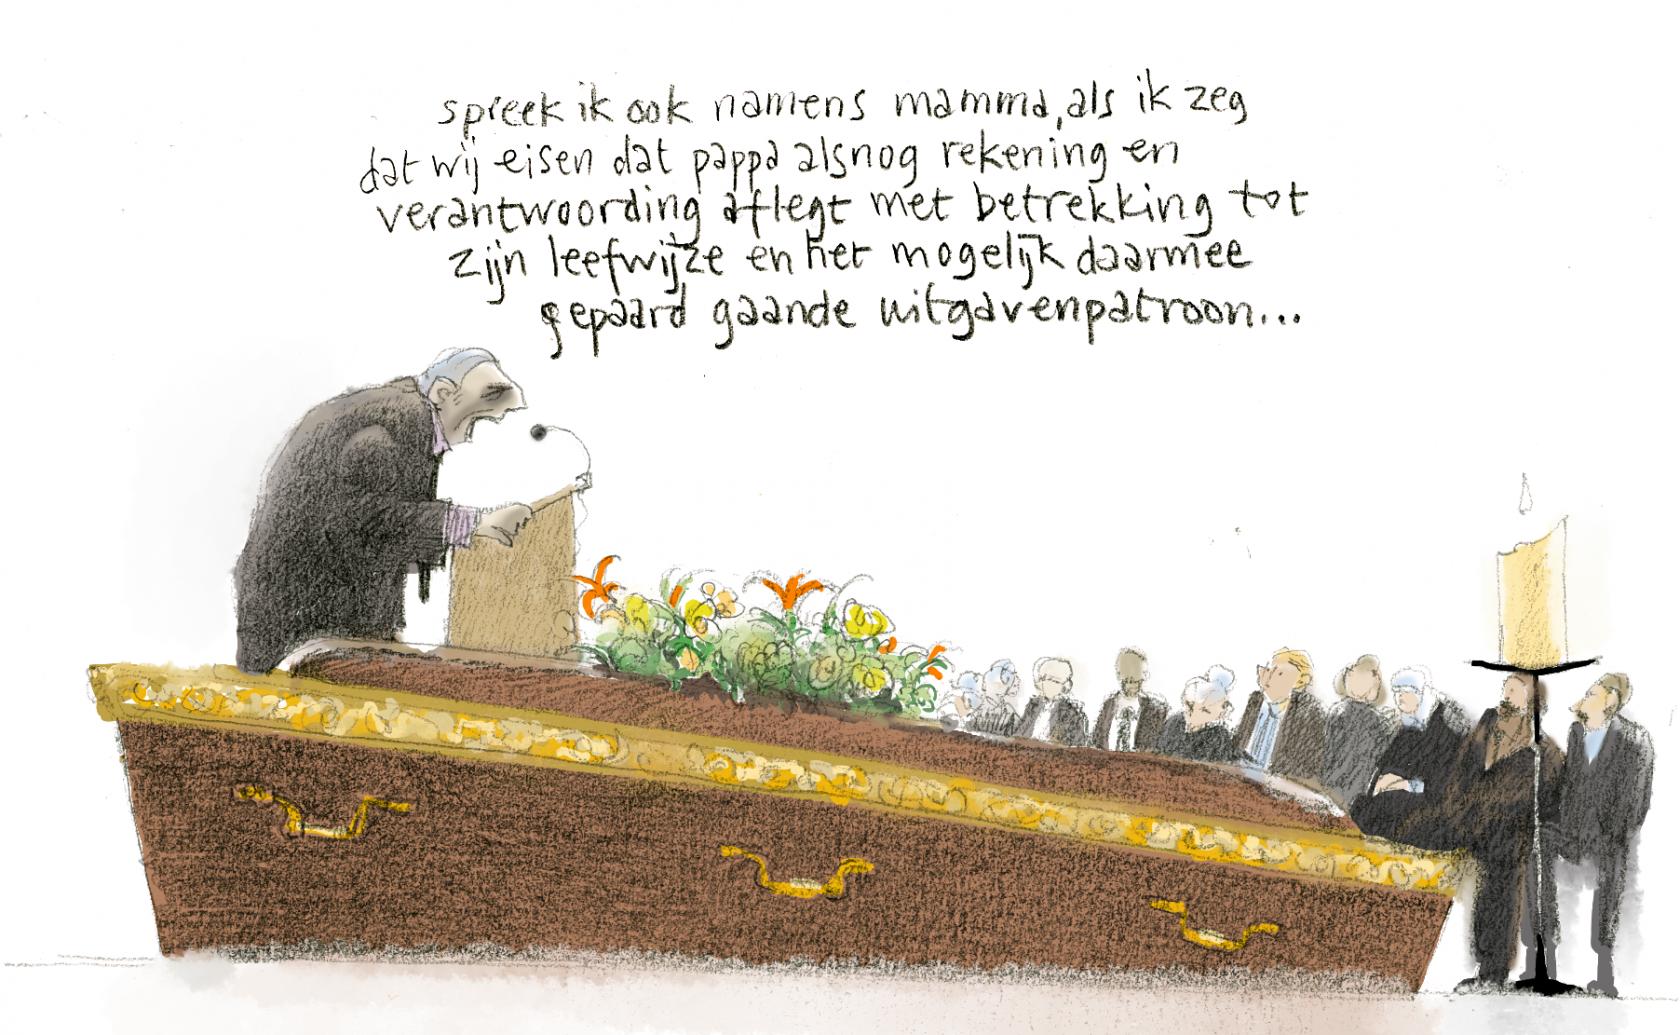 Kroniek-pers_famrecht-3-